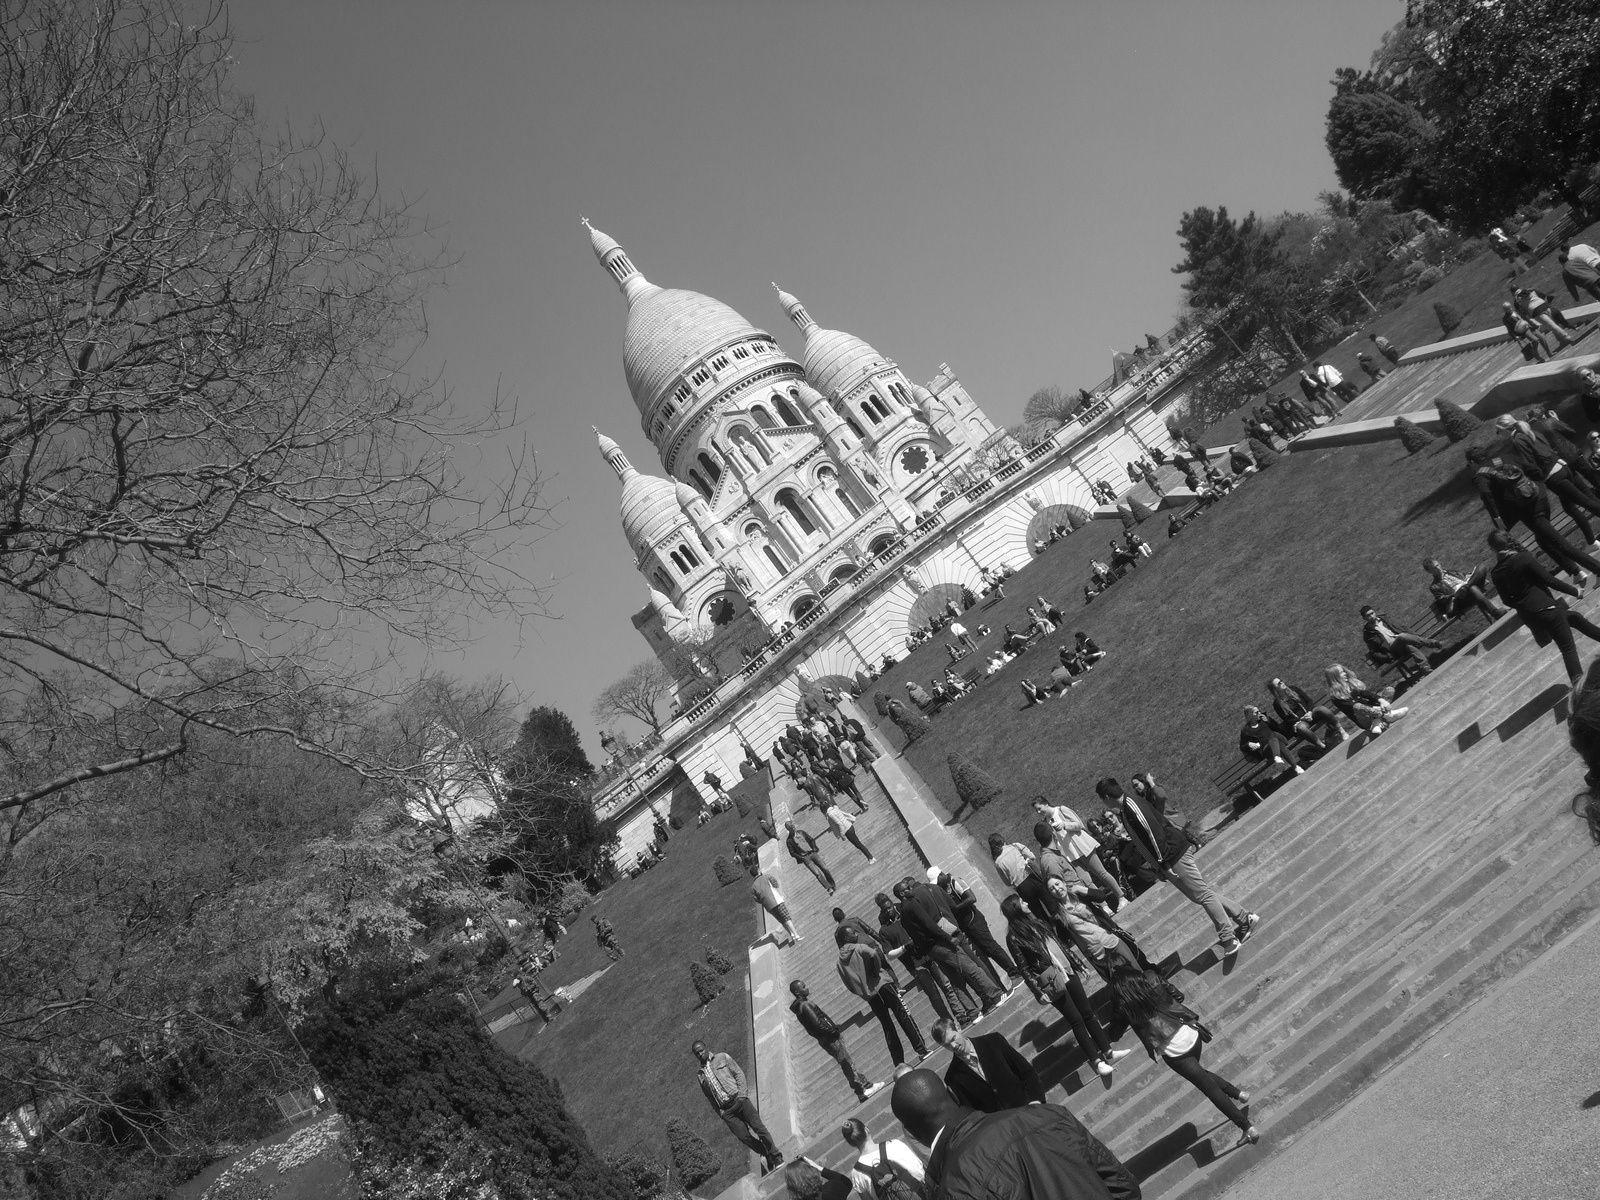 Montmartre et le Sacré Coeur - photos prises le 19 avril 2015